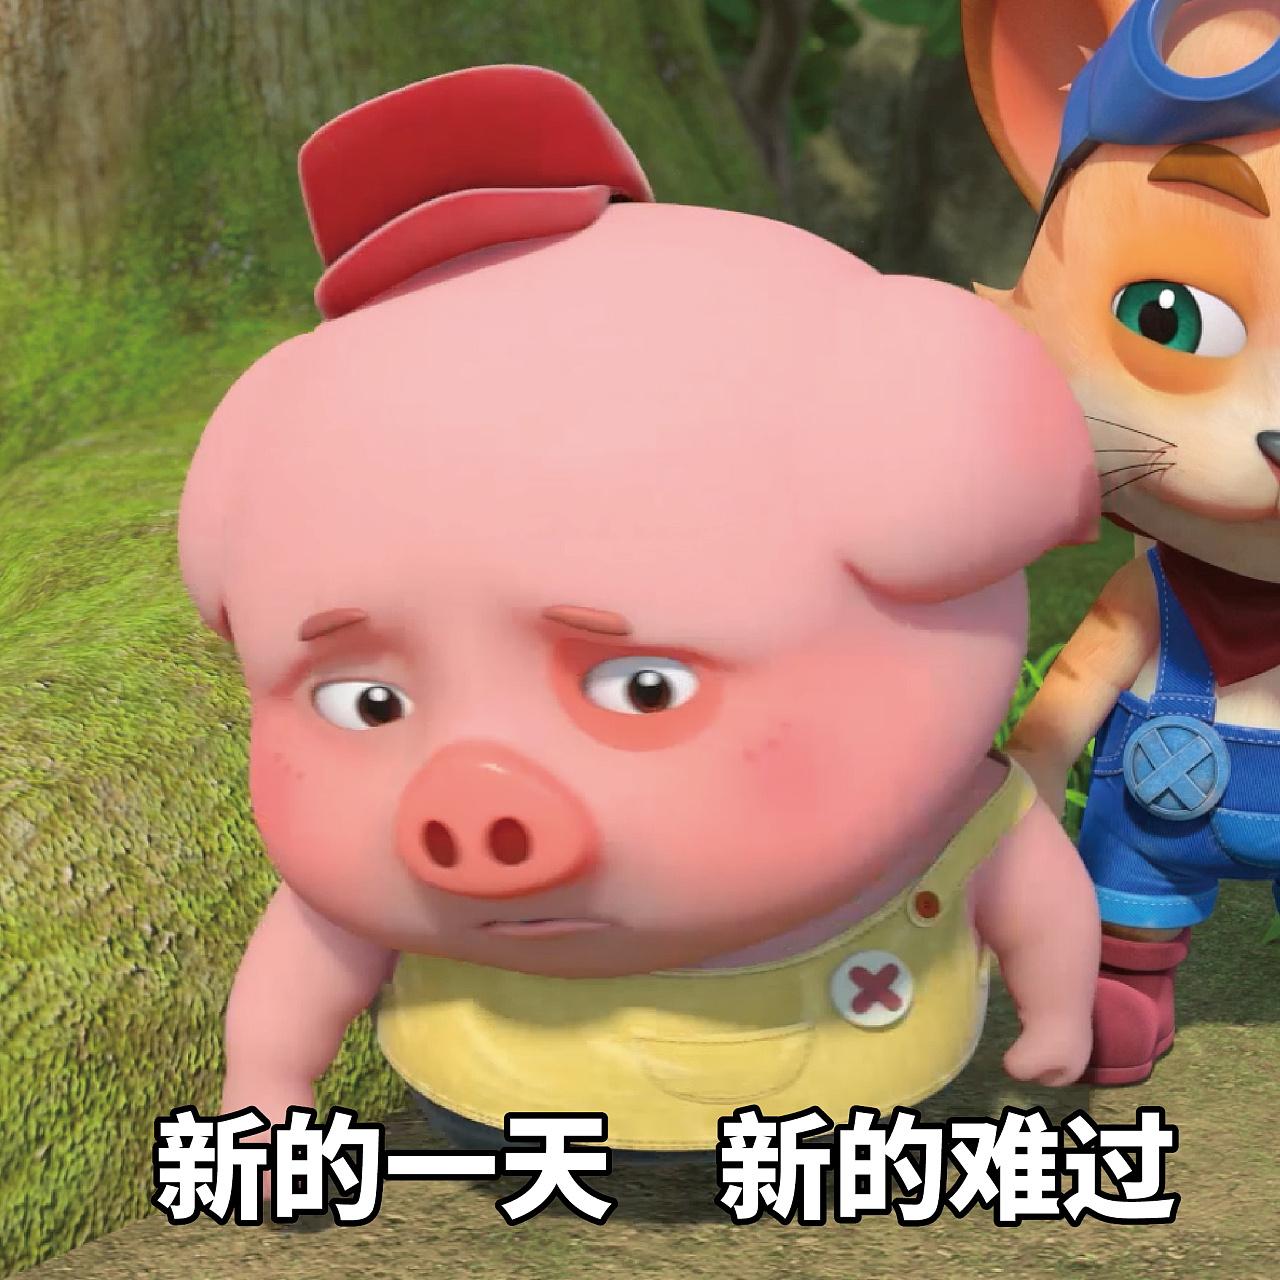 豆豆猪表情:你小表情已拒收你表情,请点赞获完美宝贝包信息包的v表情精心图片